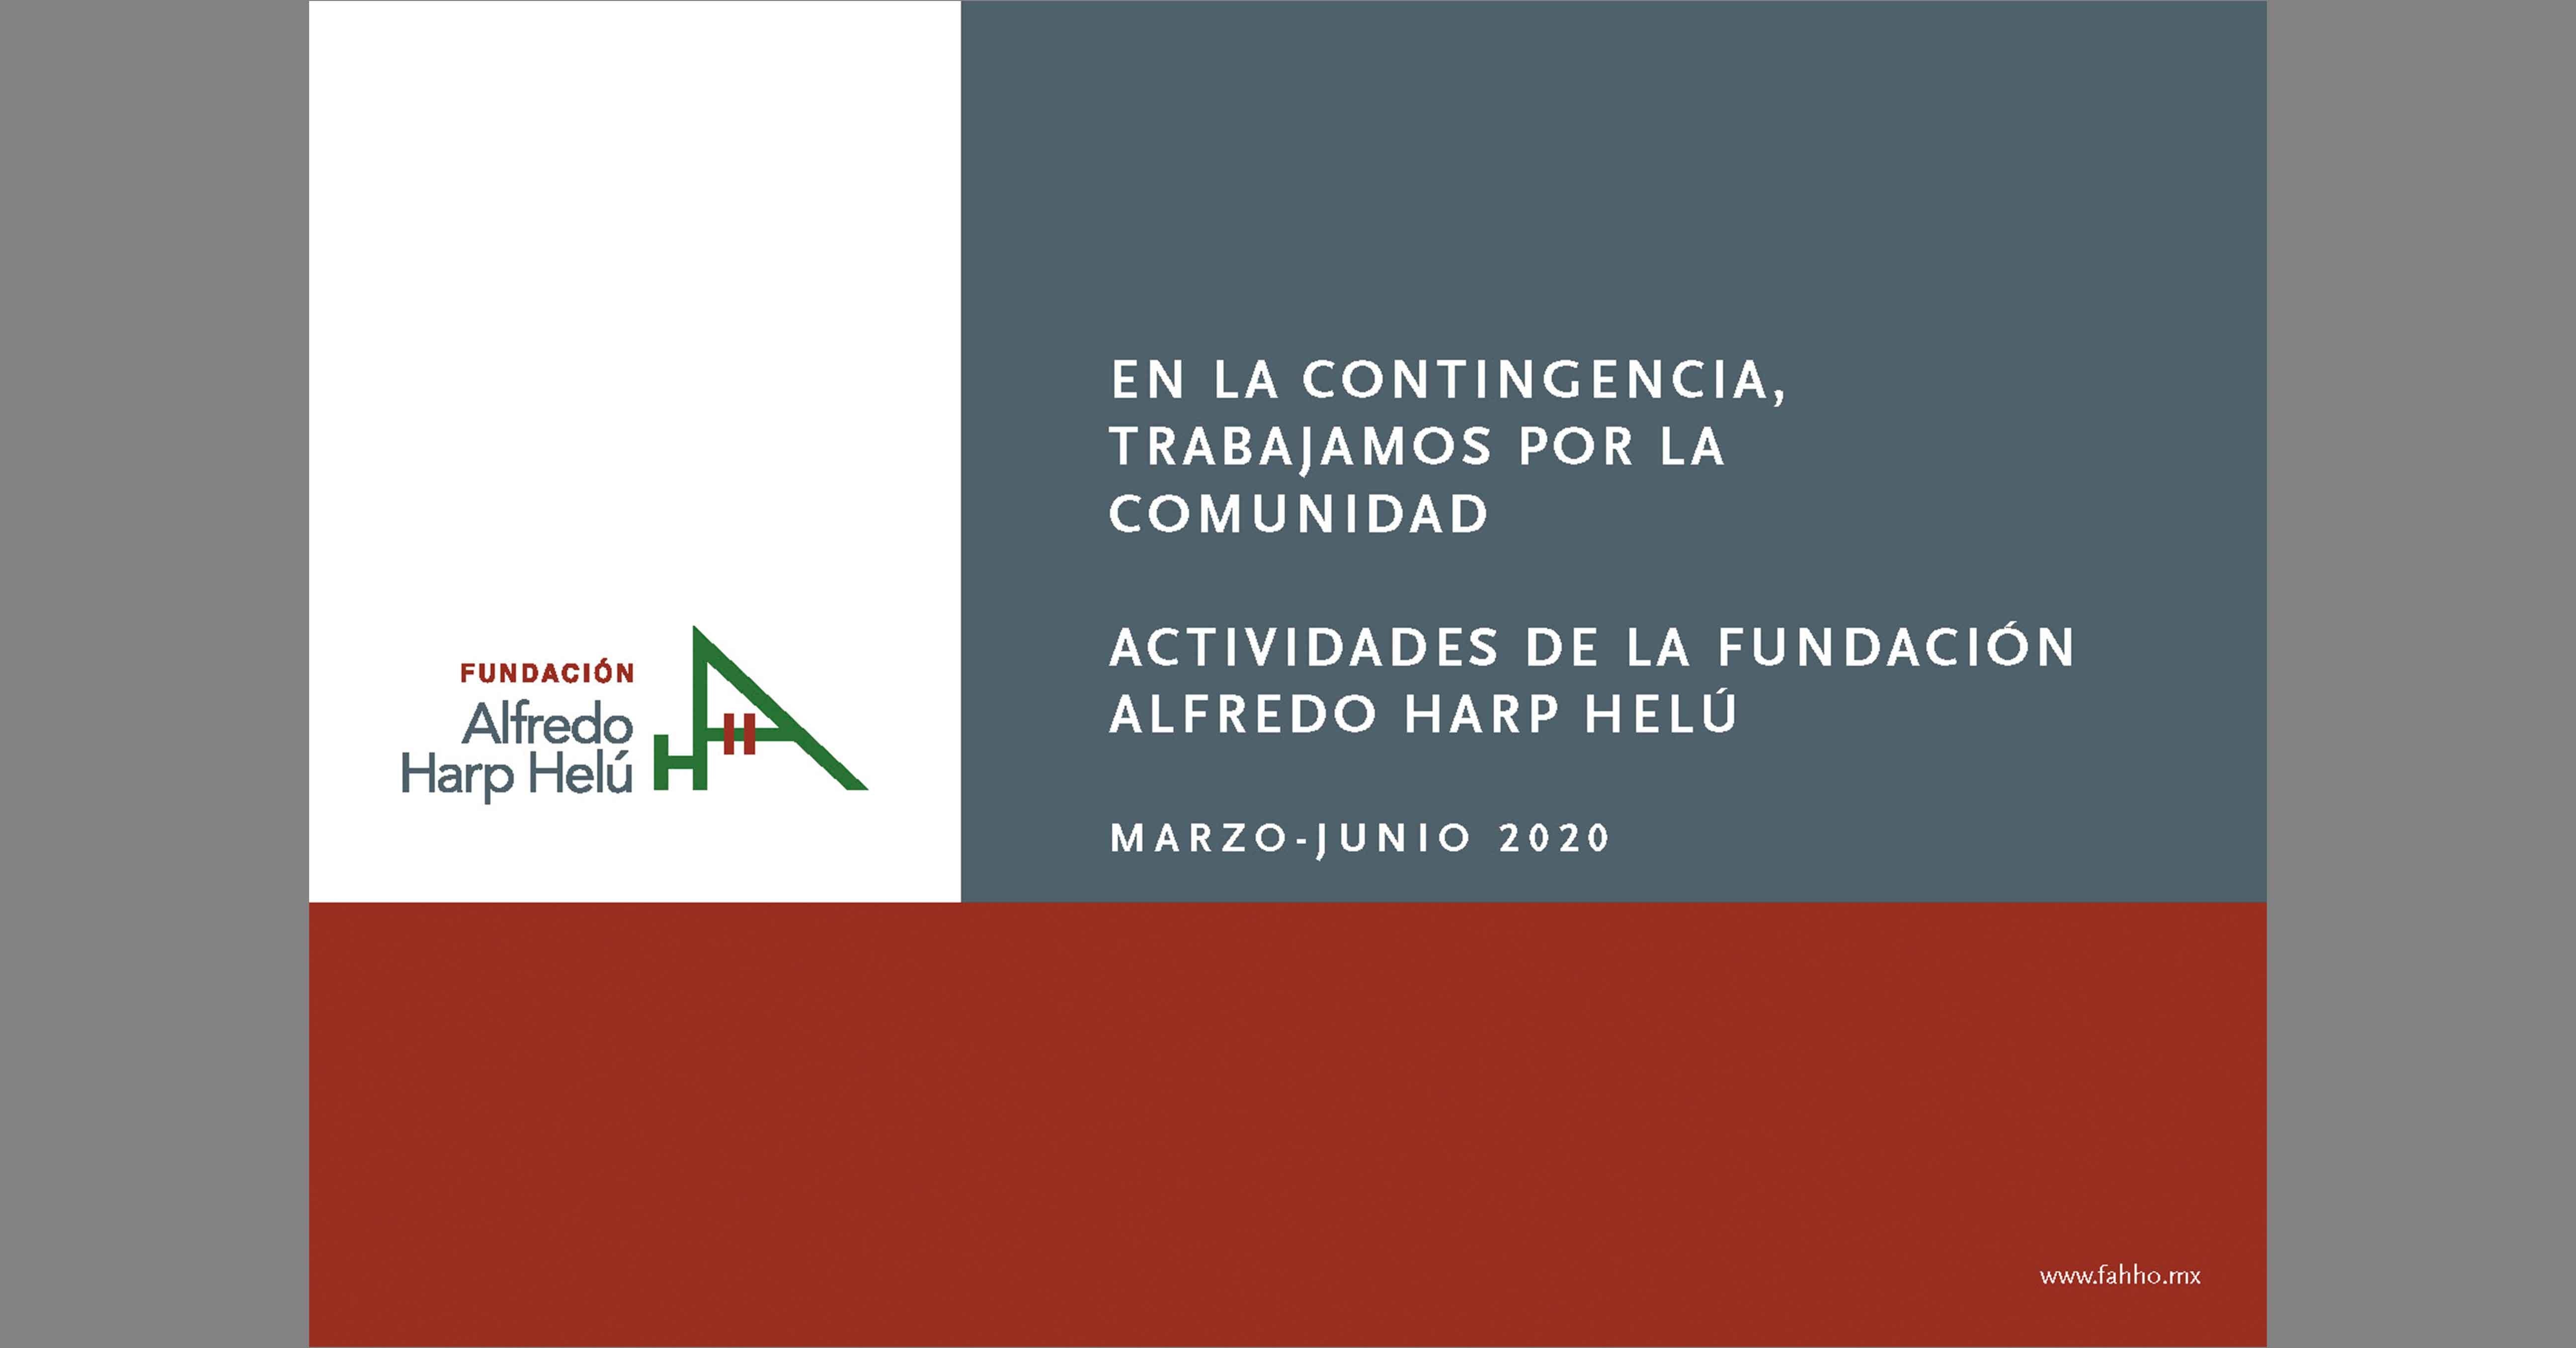 Informe de la Fundación Alfredo Harp Helú Oaxaca, durante la contingencia sanitaria por la COVID - 19, correspondiente al periodo de marzo a junio de 2020.